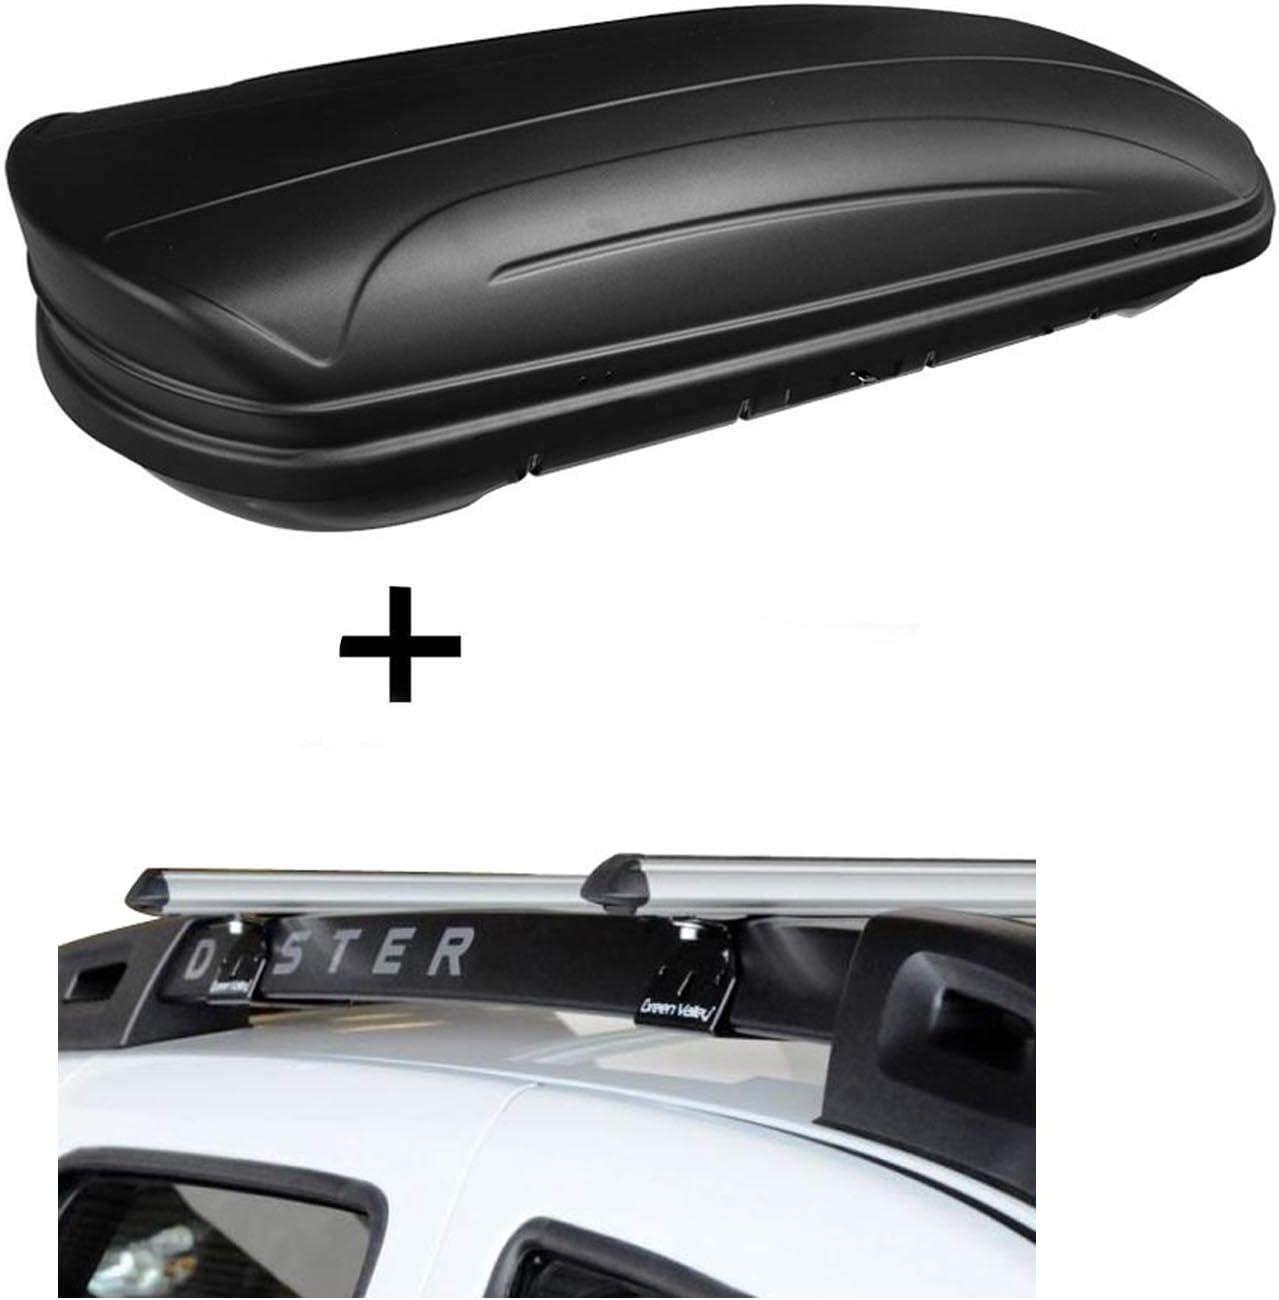 Dachbox Vdpmaa320 320ltr Abschließbar Schwarz Matt Alu Relingträger Aurilis Original Kompatibel Mit Dacia Duster Mit Reling 5 Türer 2014 2017 Auto